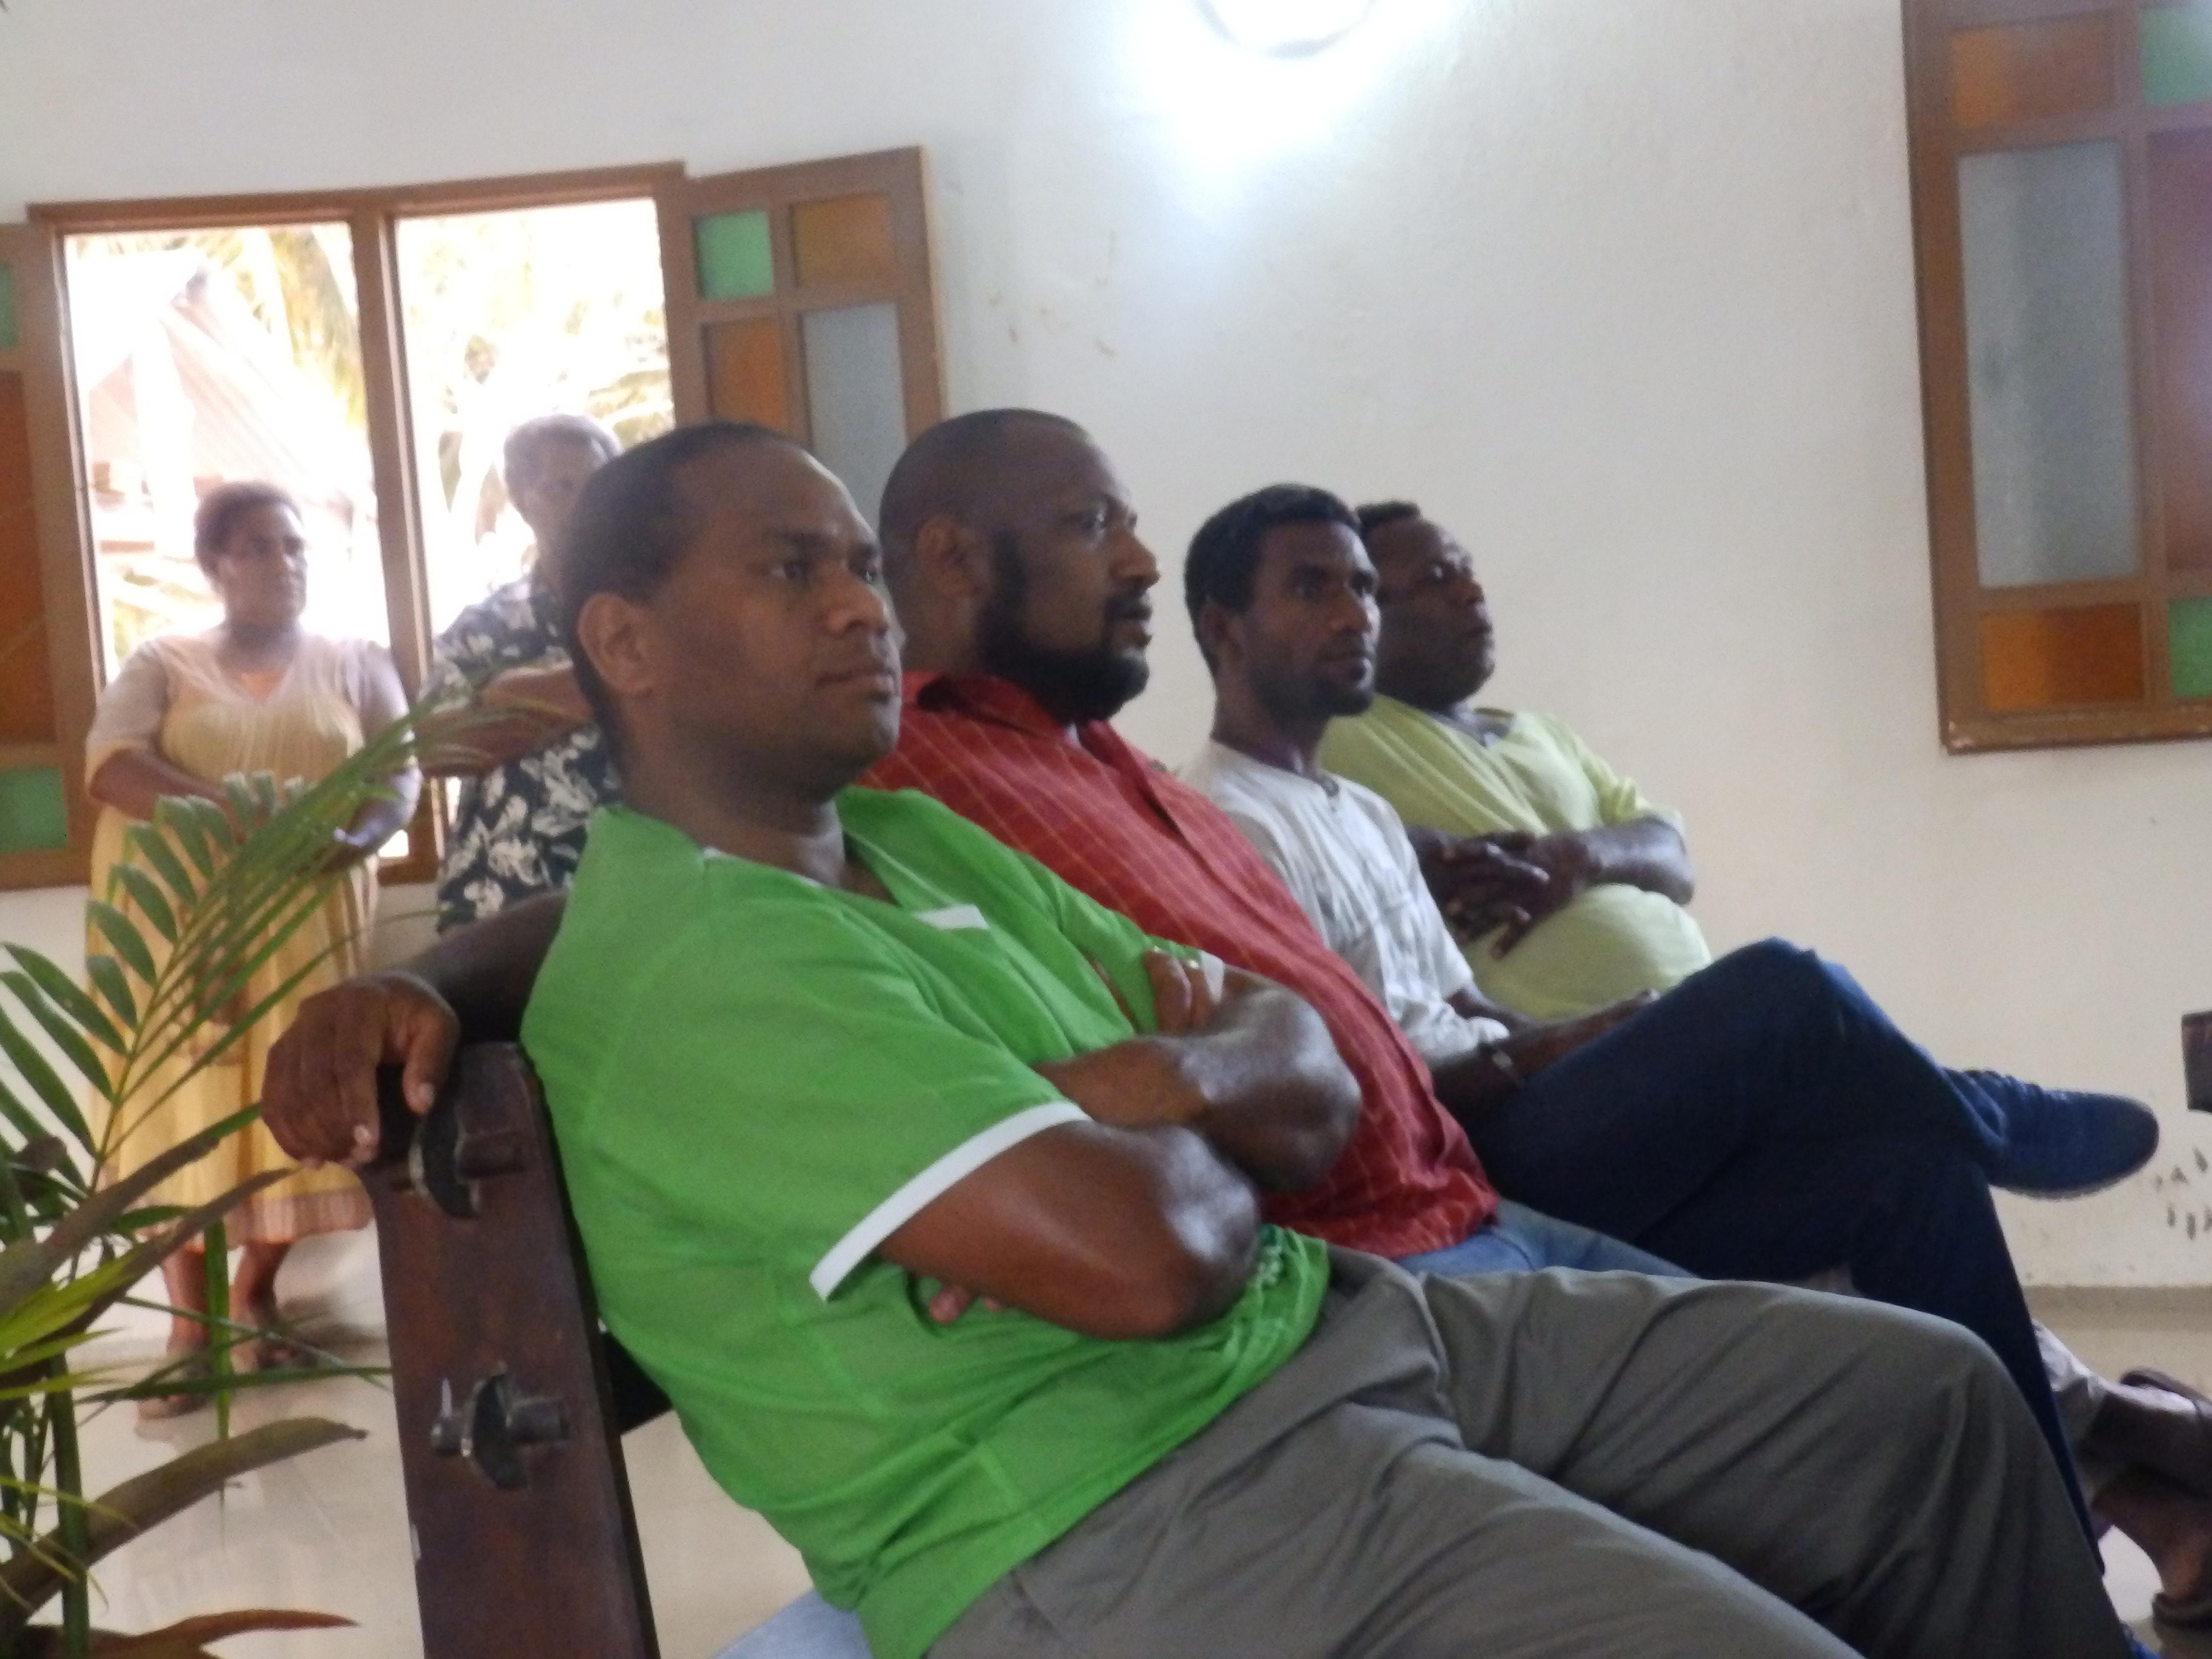 Les pasteurs proposants : BAE Naliwa, WEA Kuanene, HNACIPAN Iamele, et l'étudiant XOWIE Kevin en stage de 3ème dans le consistoire de Kôôhne/Vook.